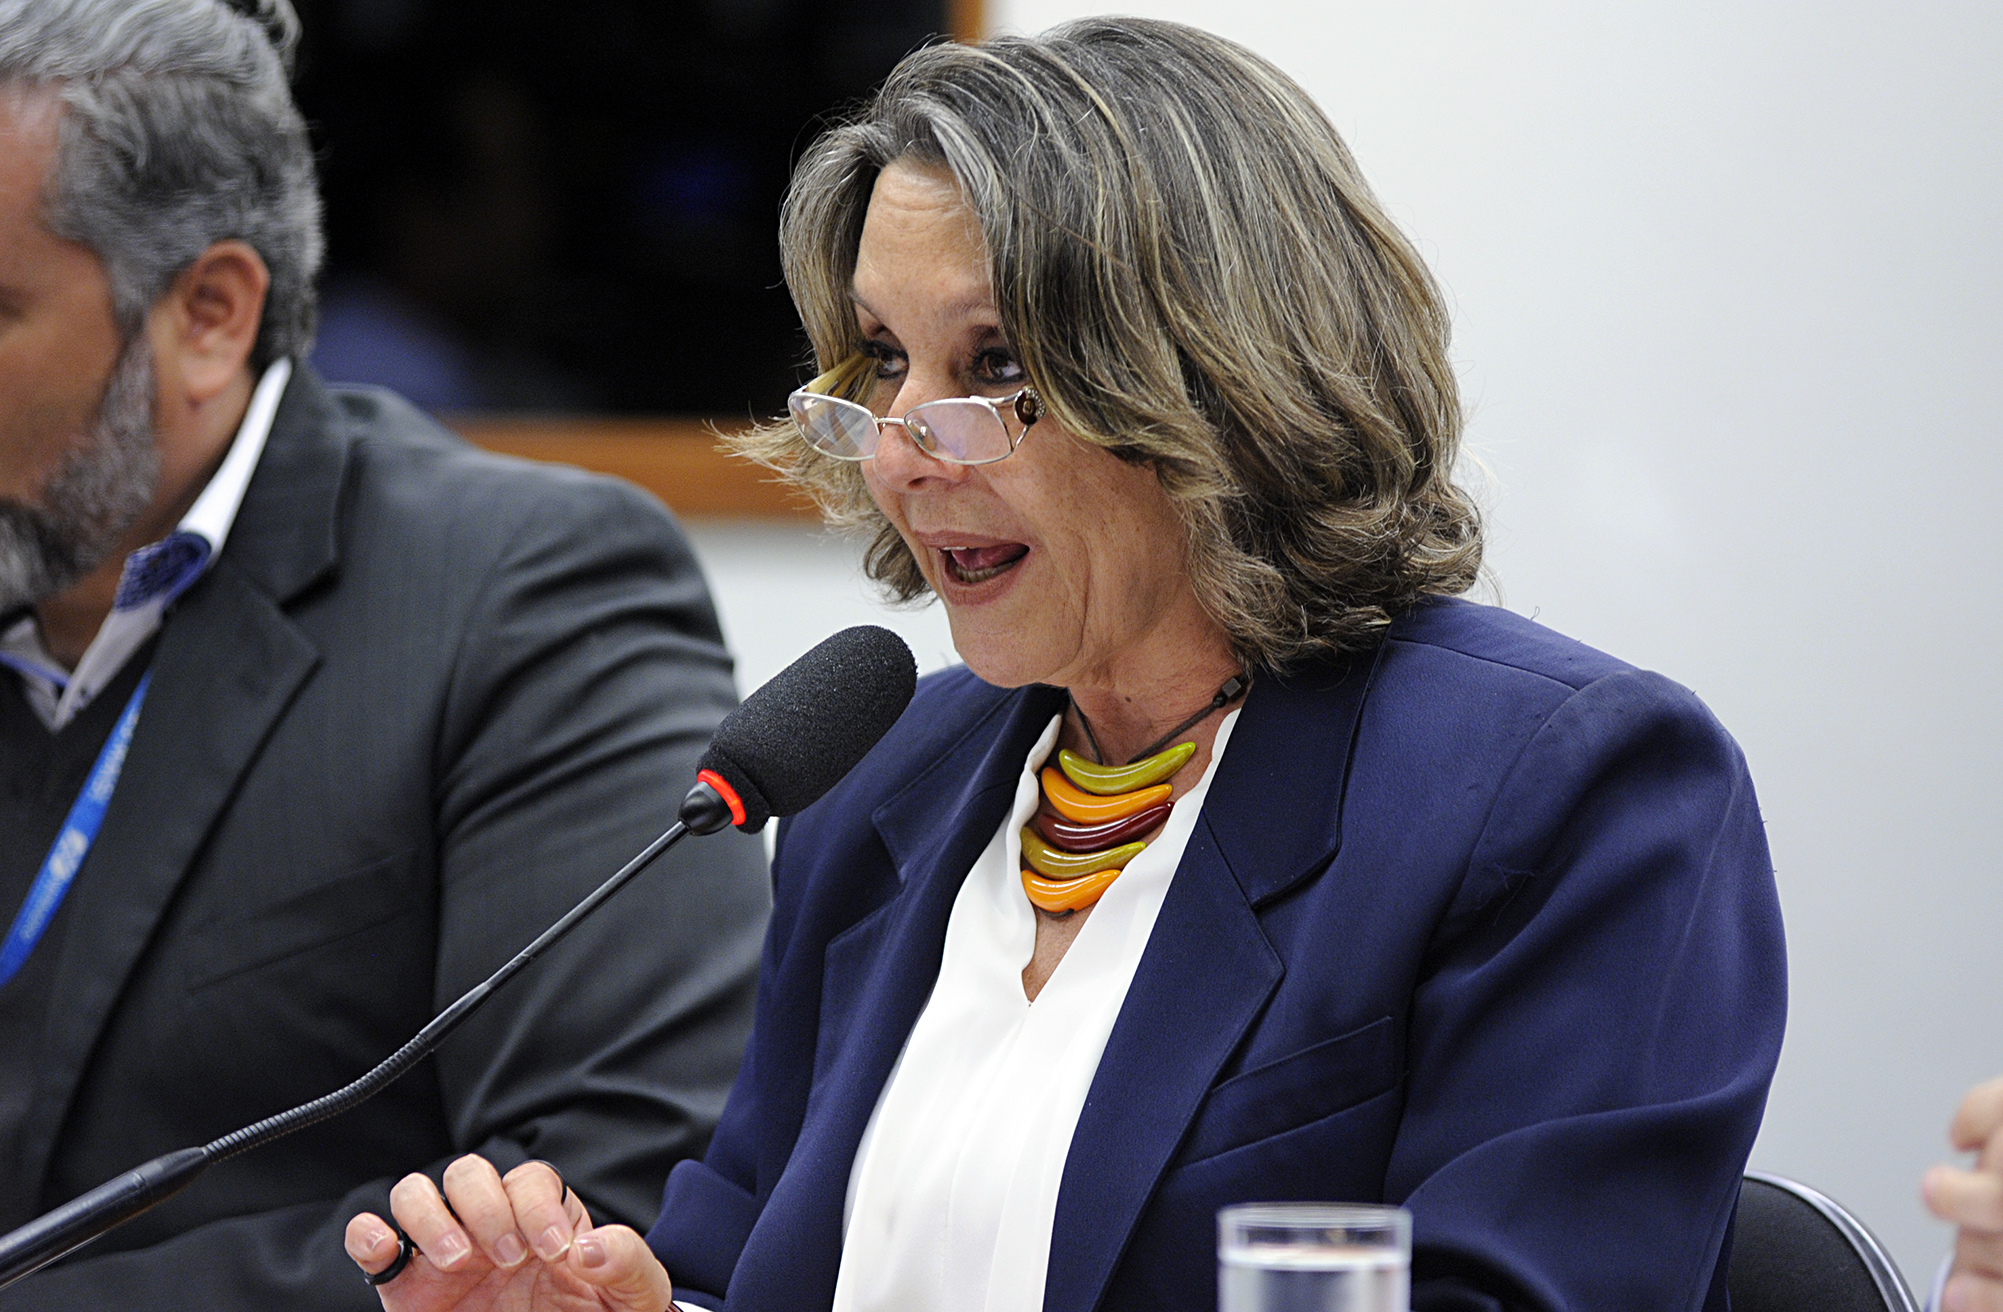 Audiência pública para discutir a ameaça da privatização da Empresa Brasileira de Infraestrutura Aeroportuária - INFRAERO. Dep. Erika Kokay (PT-DF)